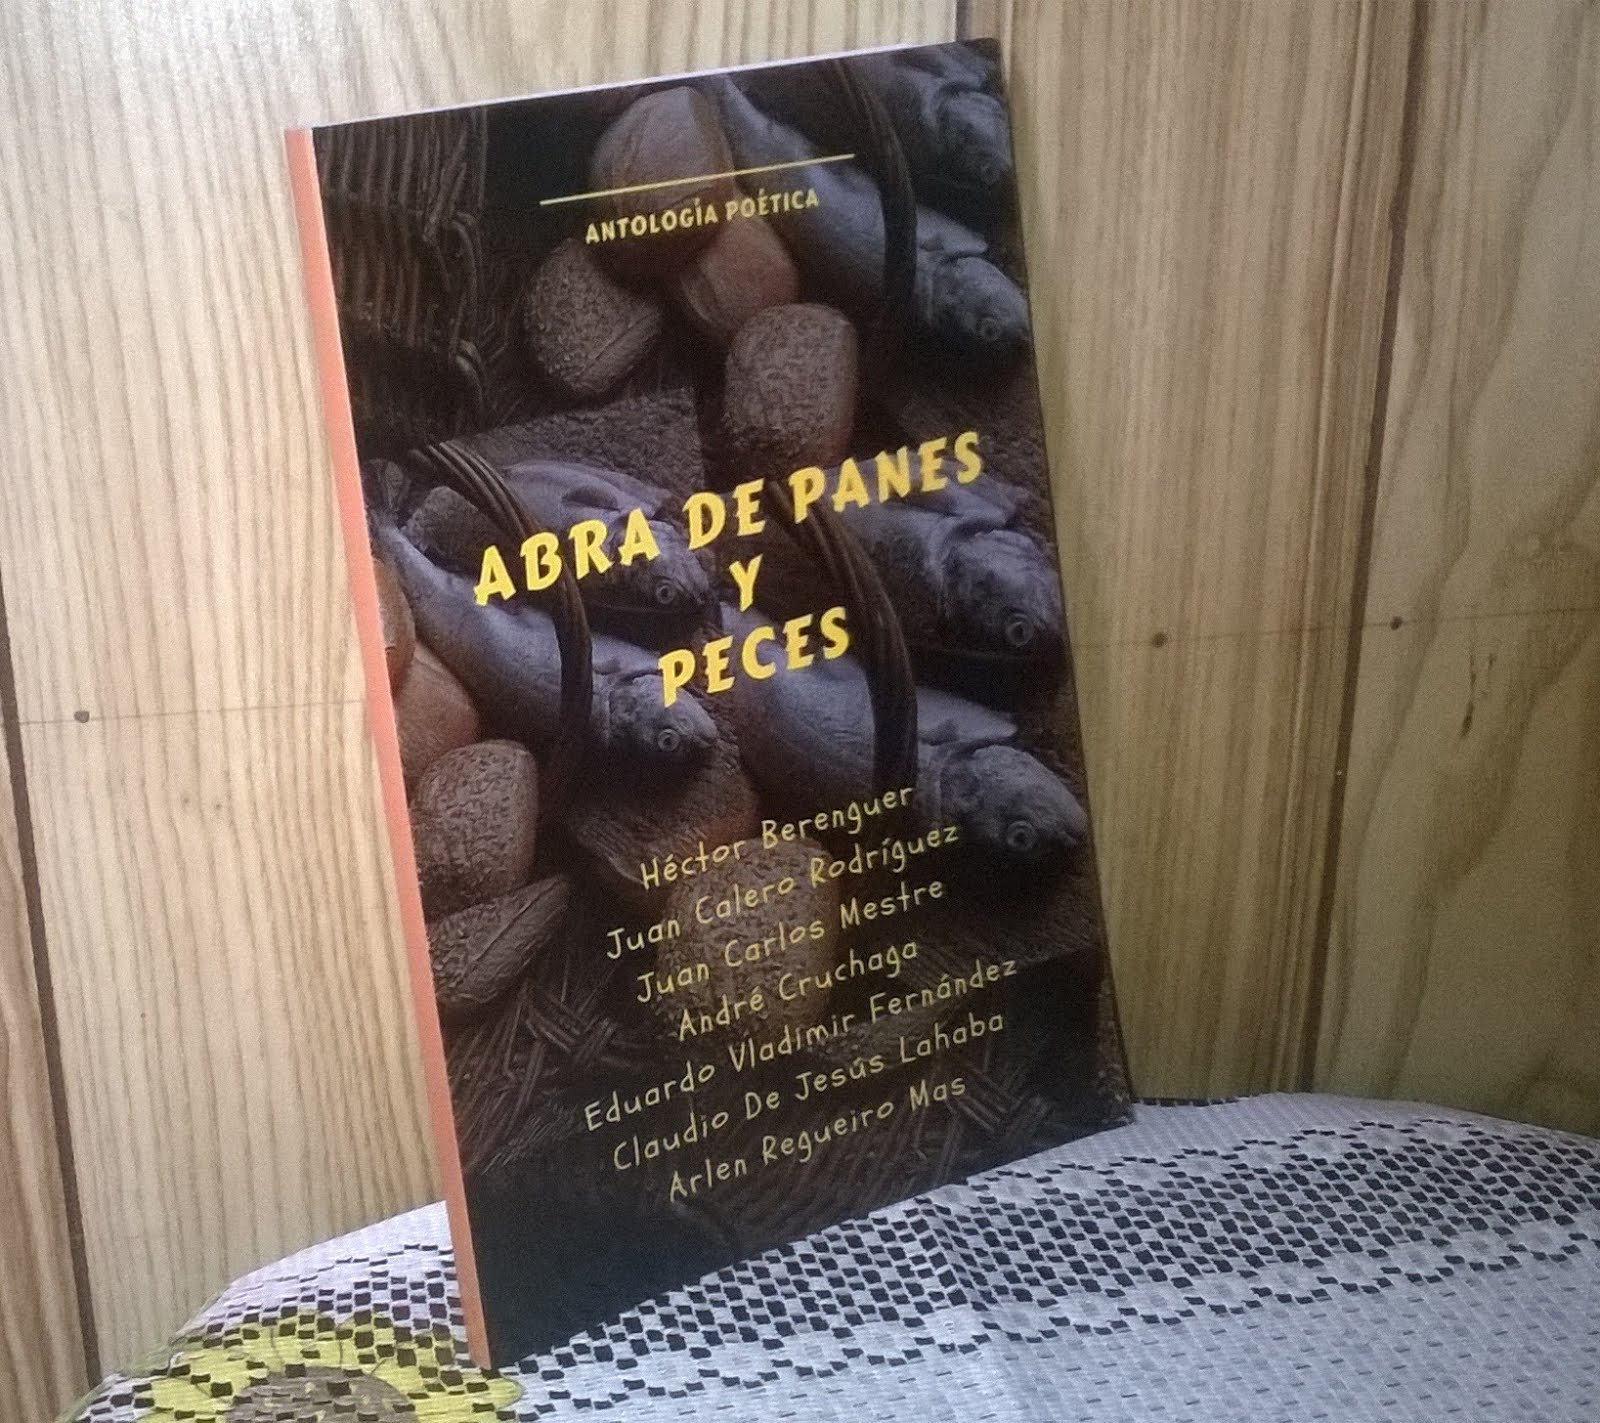 ABRA DE PANES Y PECES